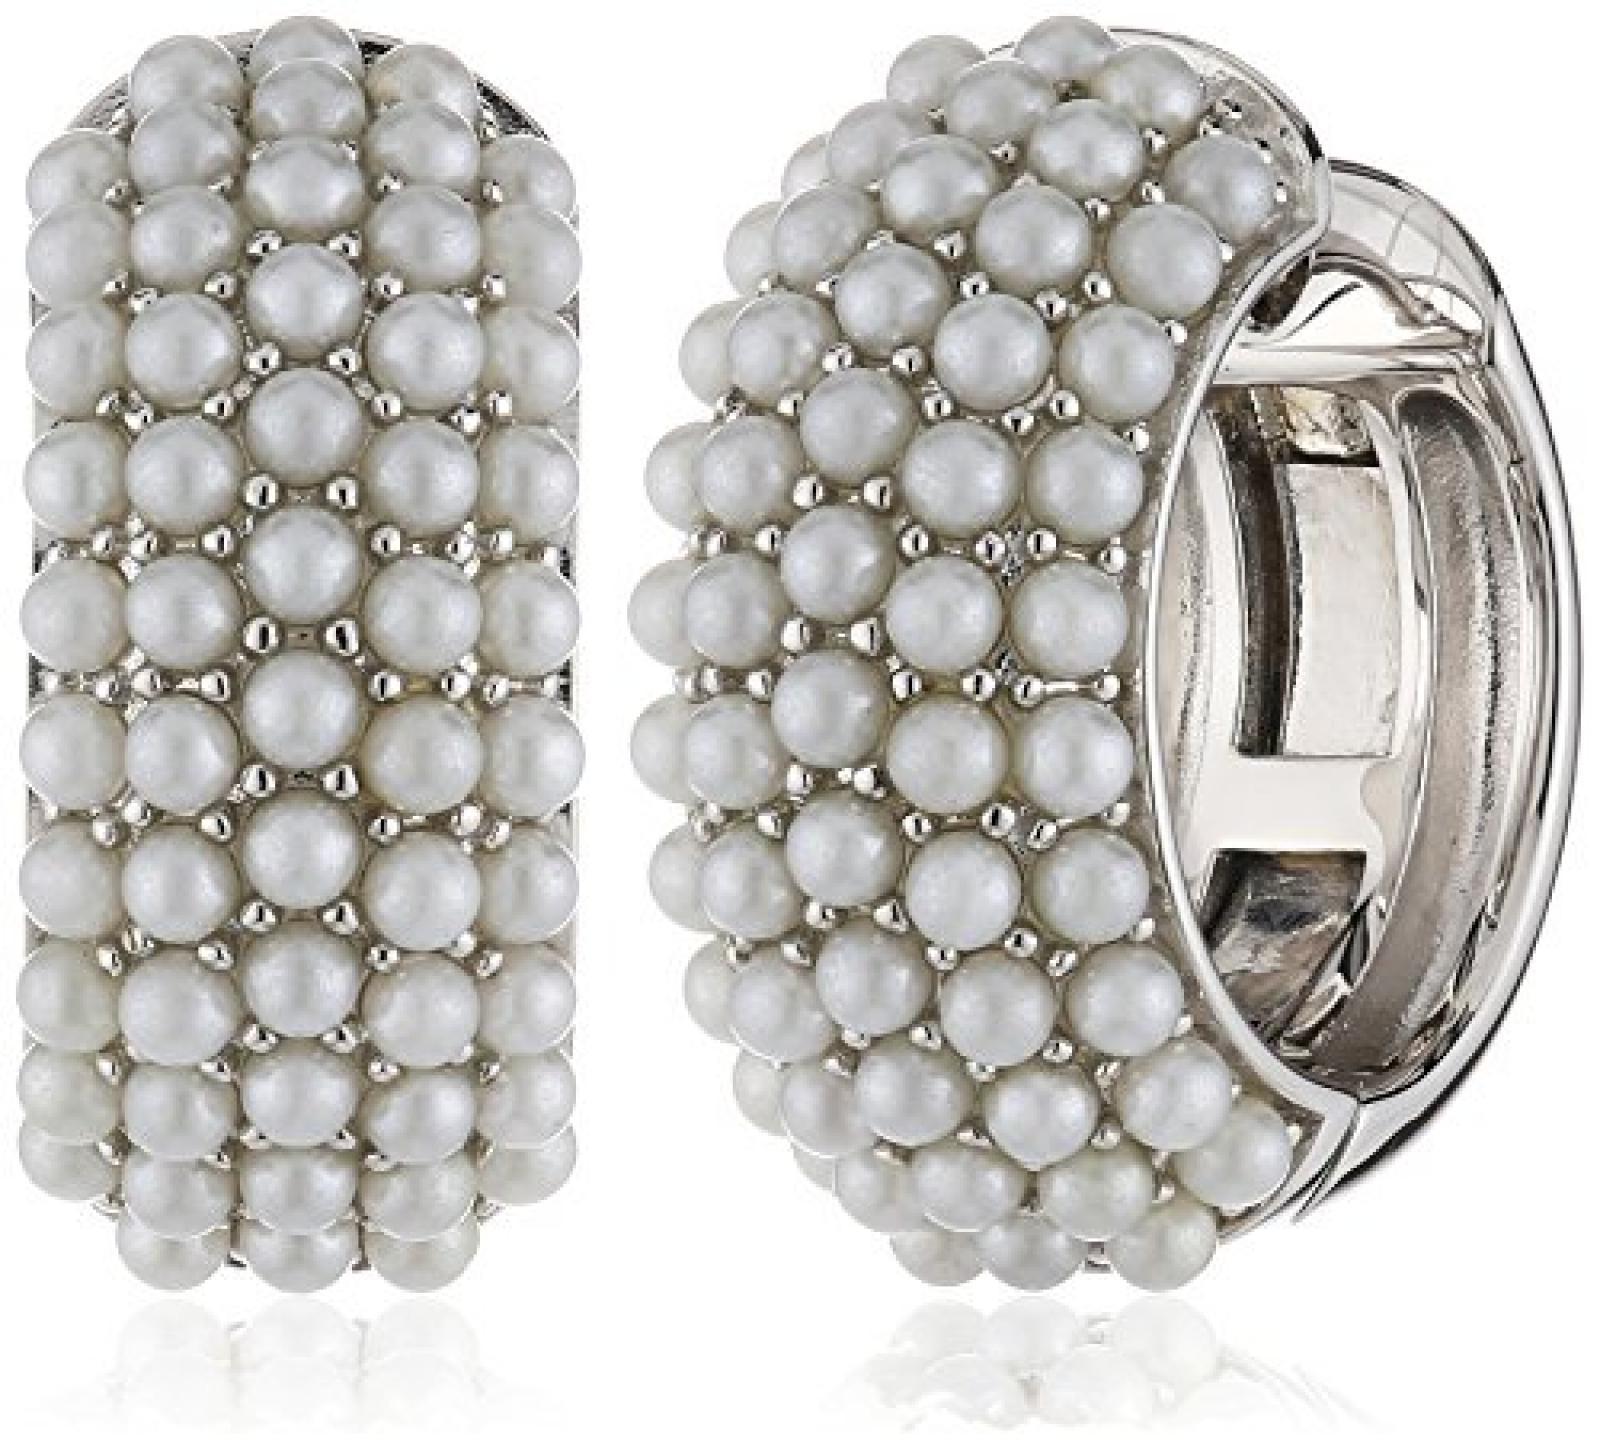 Joop Damen-Ohrclips 925 Sterling Silber rhodiniert Kunststoff Perlmutt Diane weiß JPCO90145A000